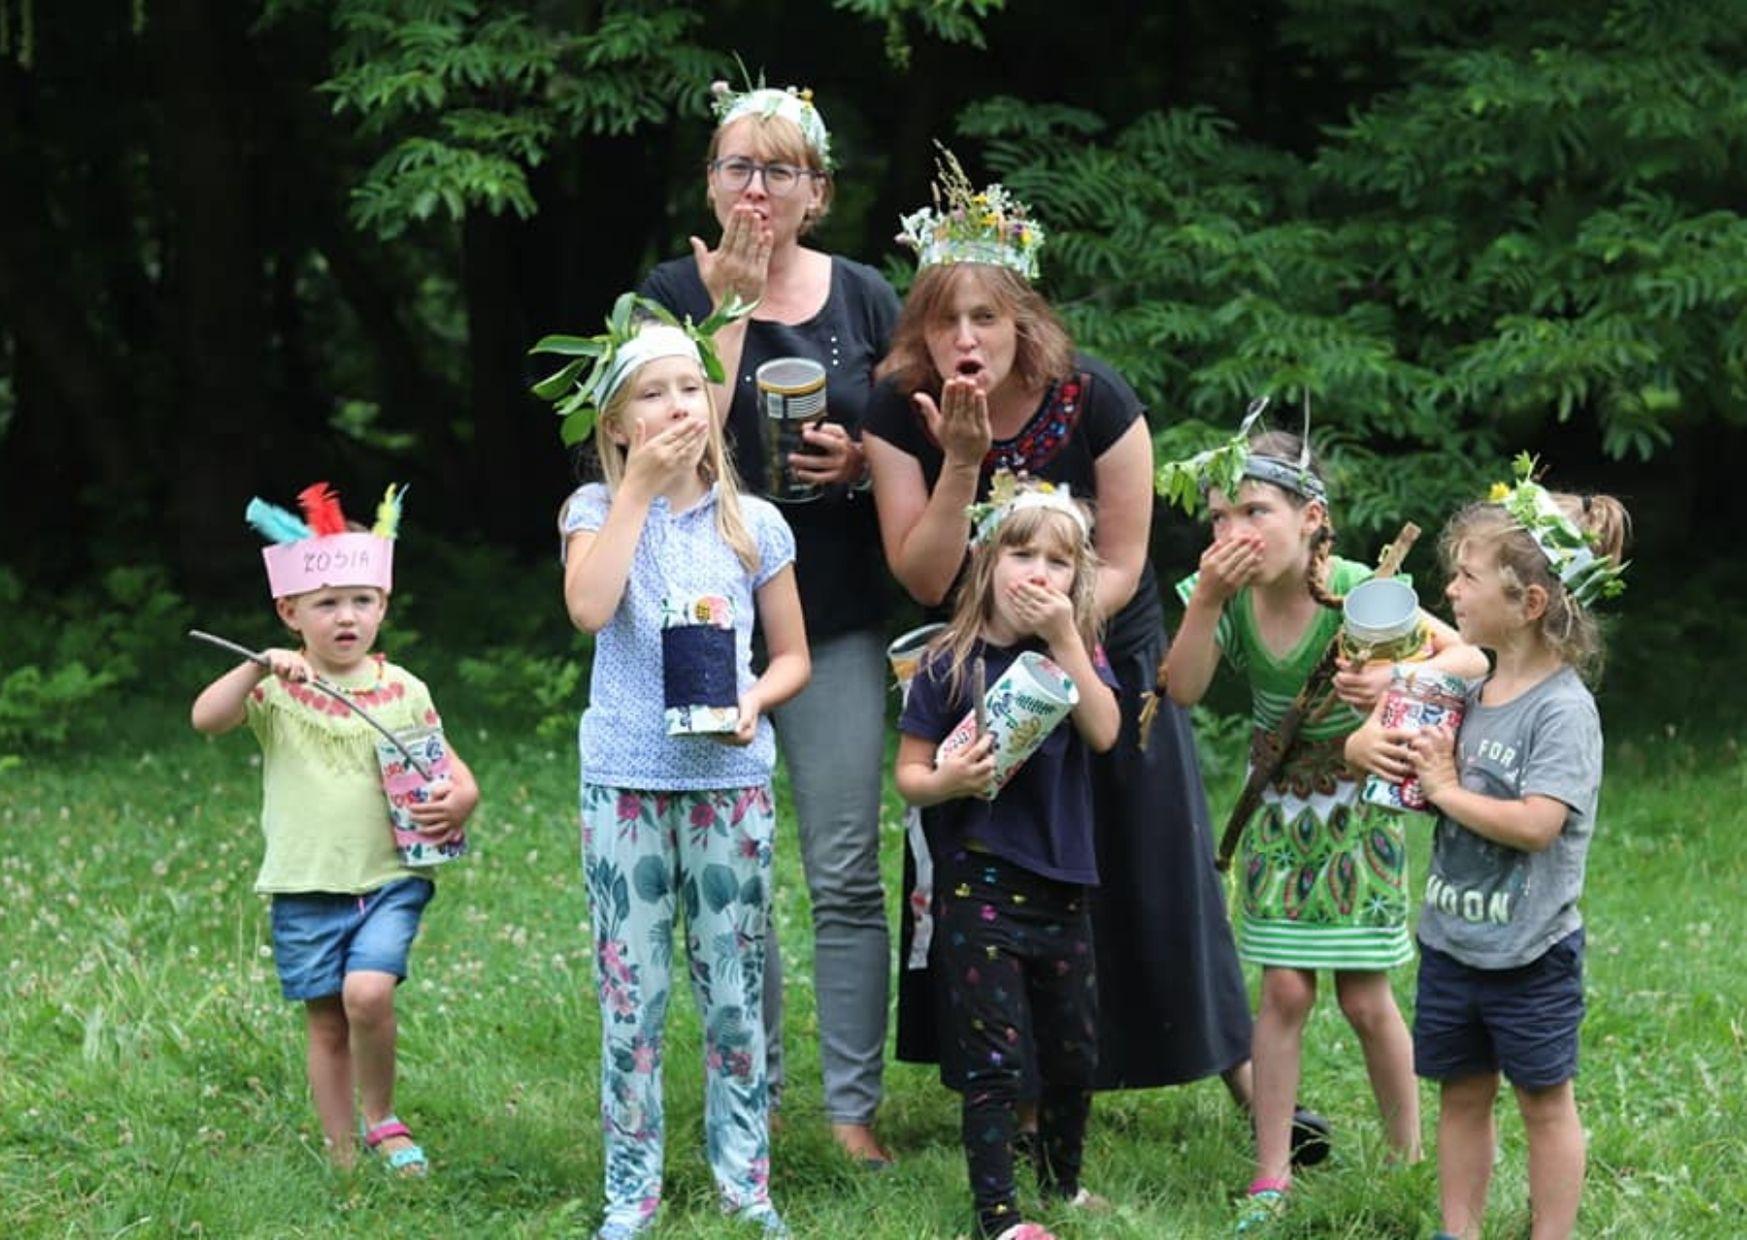 Na zdjęciu znajduje się grupa dzieci i osoby dorosłe w pióropuszach wykonanych z kartonu i roślin zielnych.